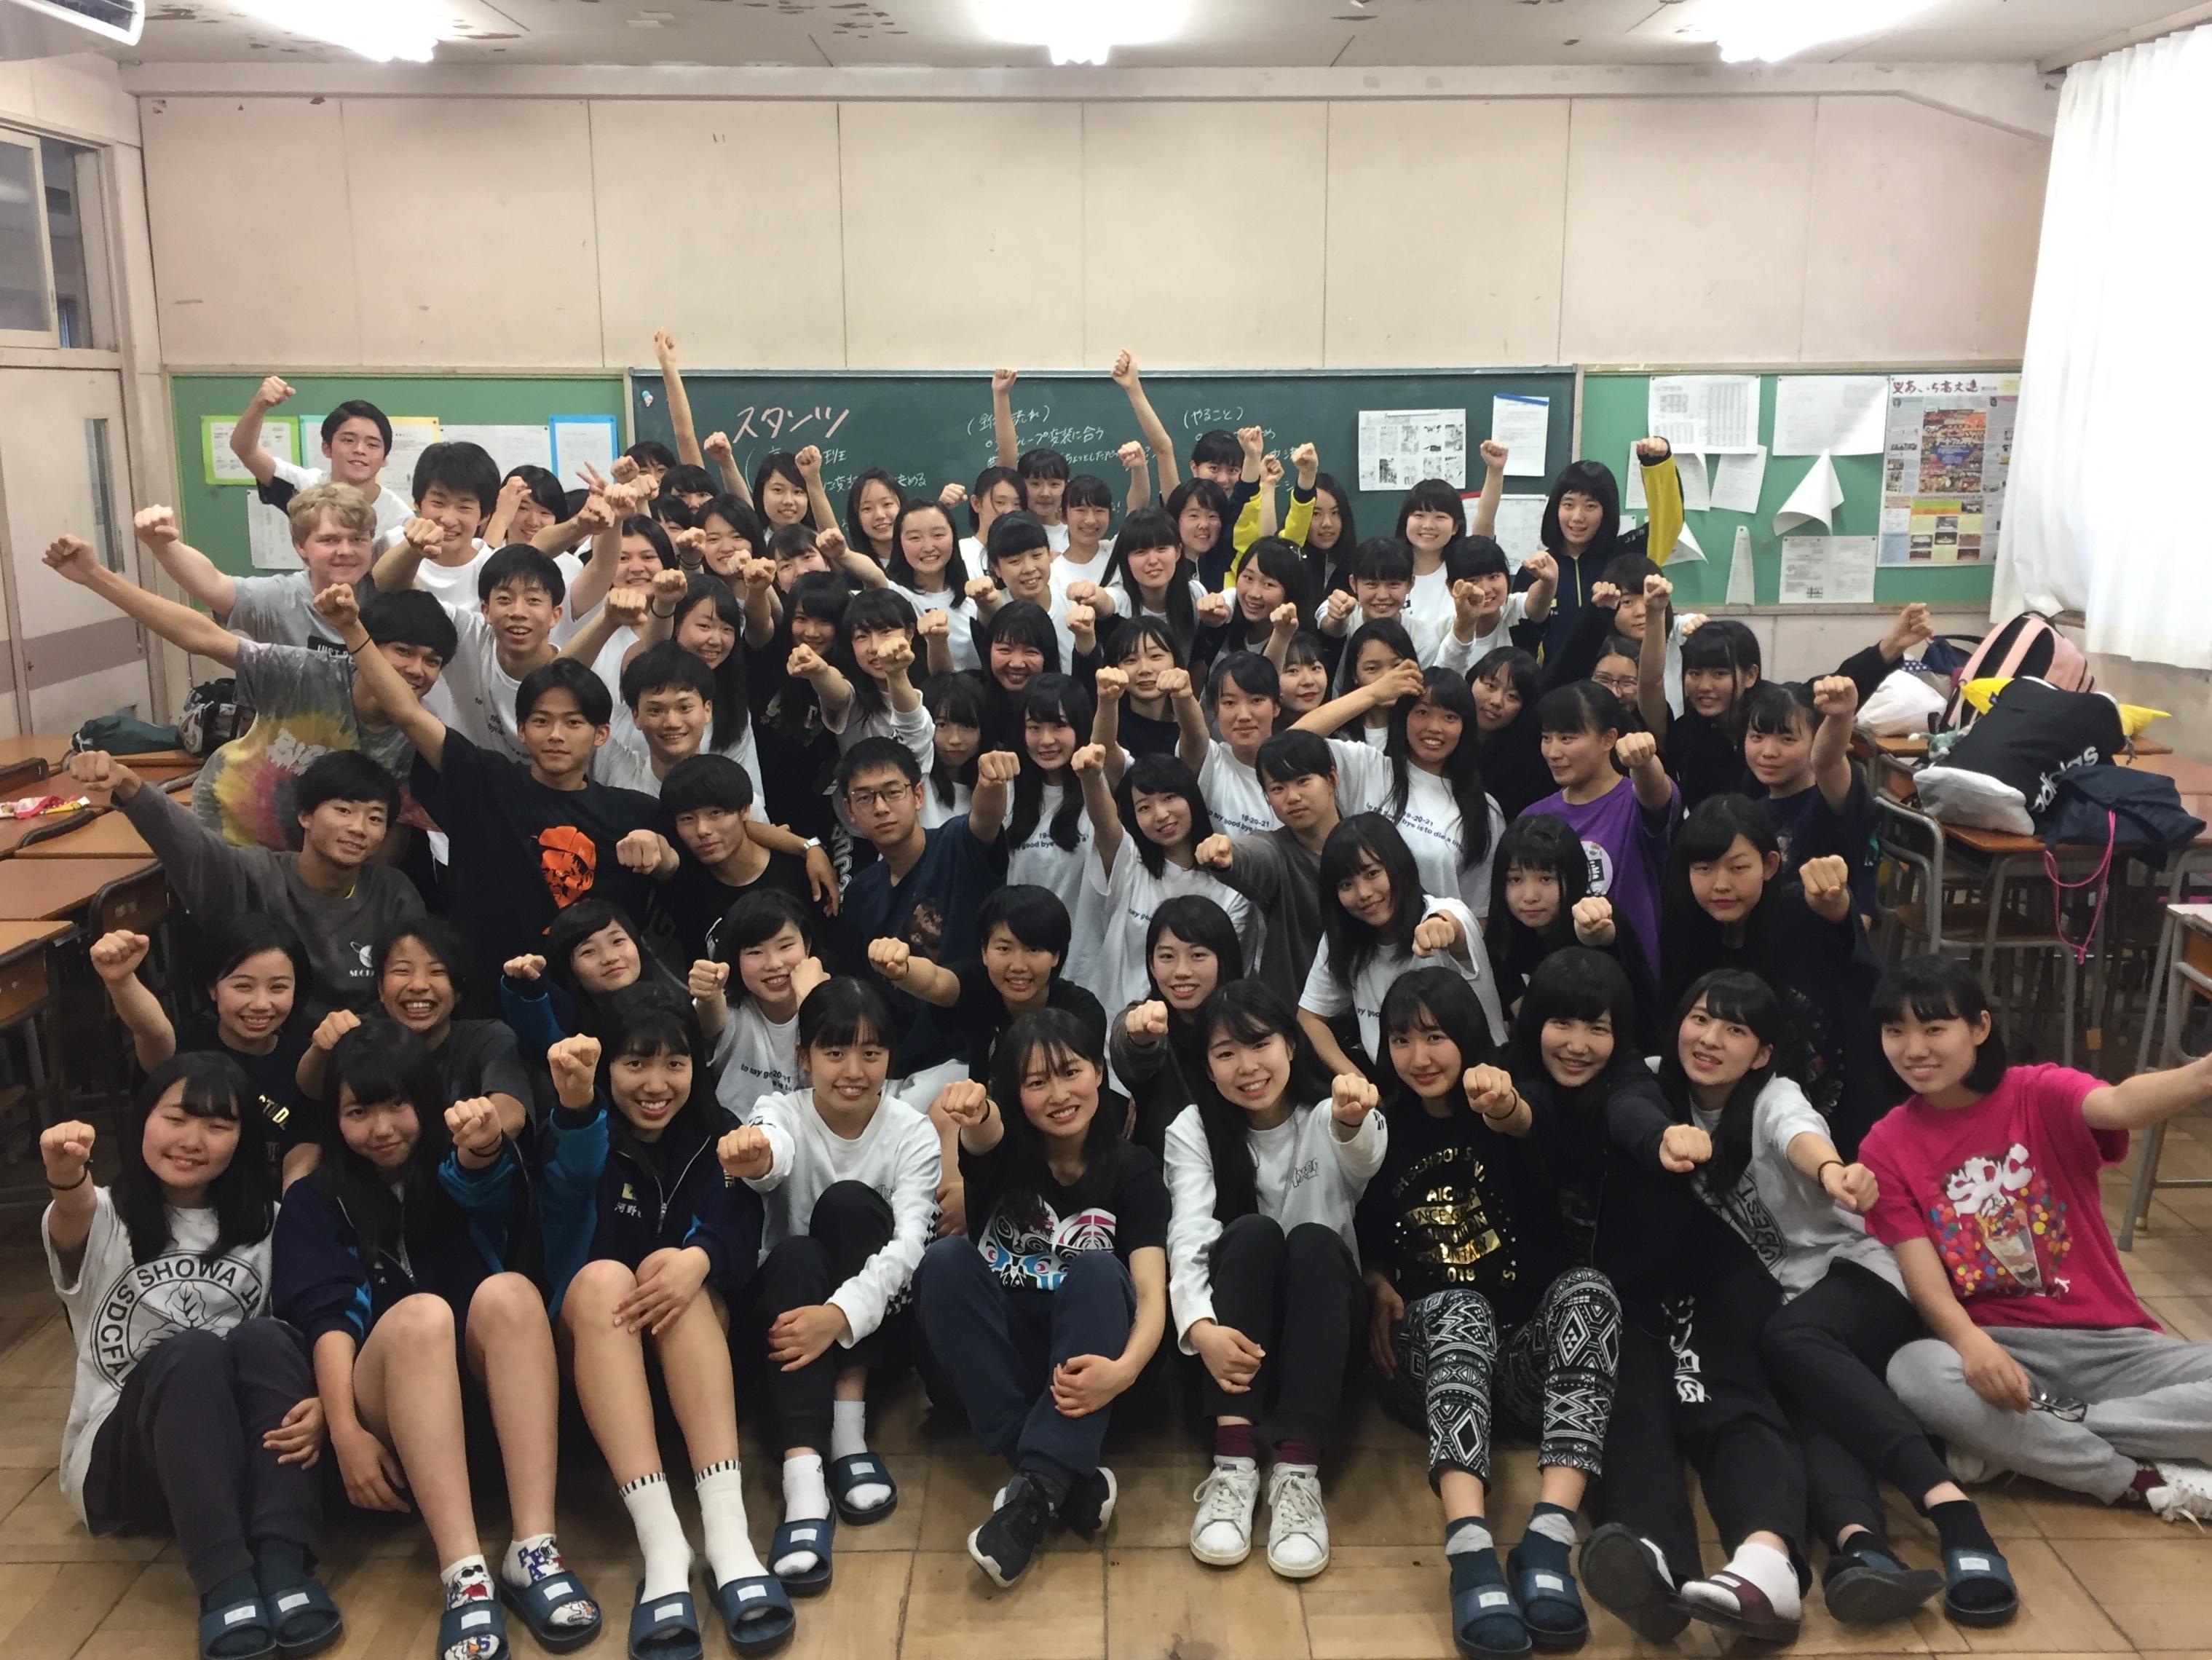 昭和高等学校(名古屋公演)